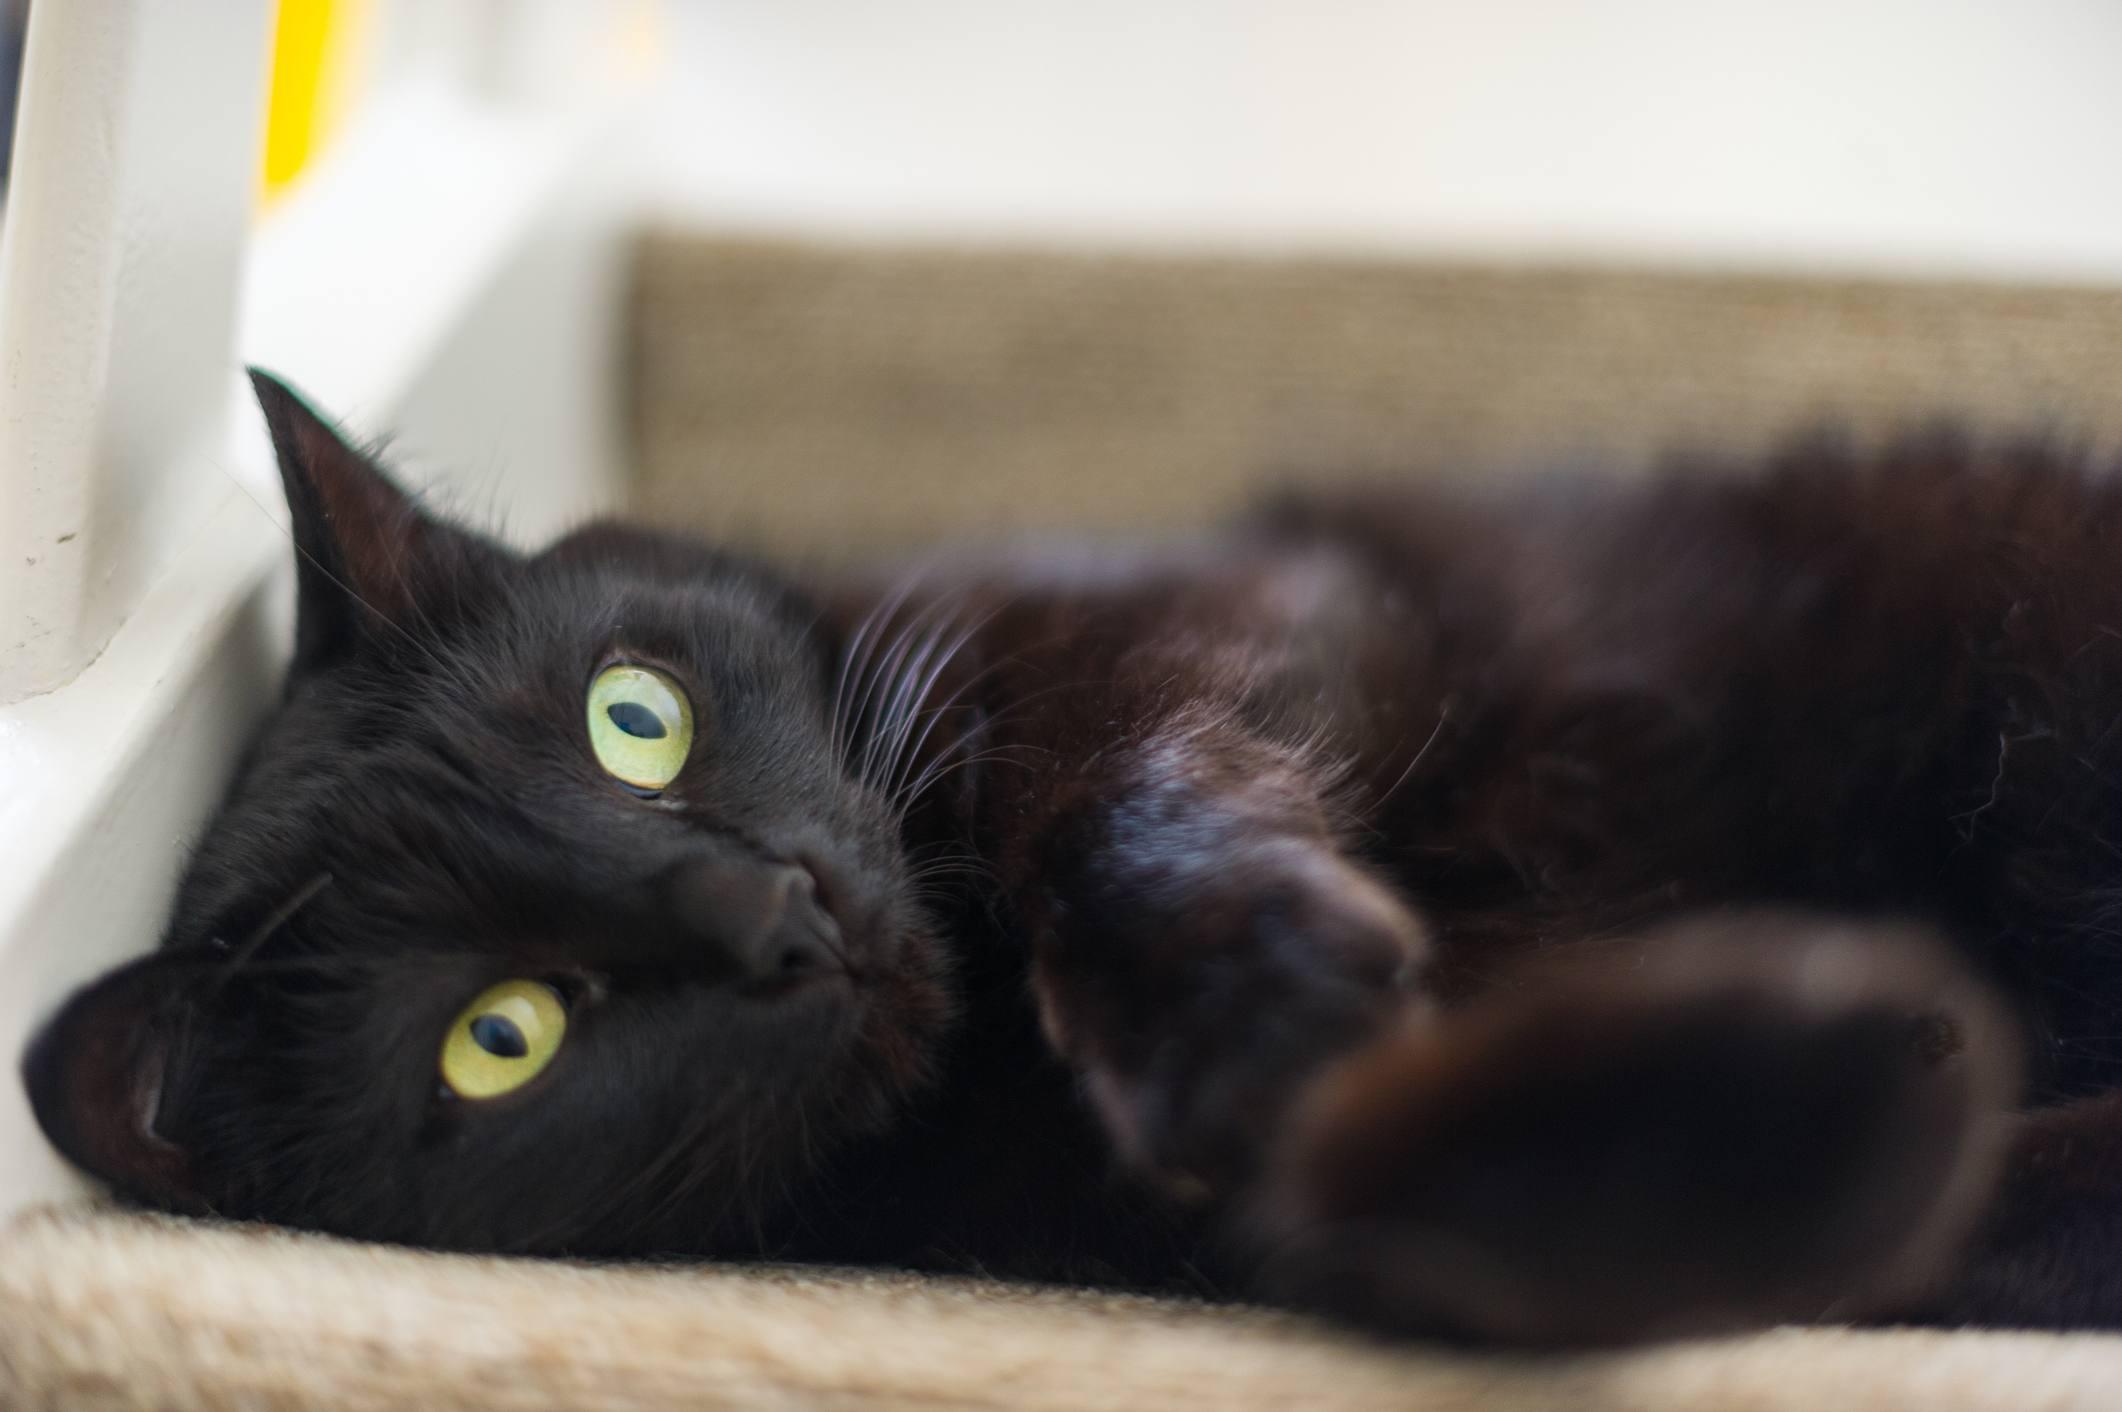 A black cat lying on its back